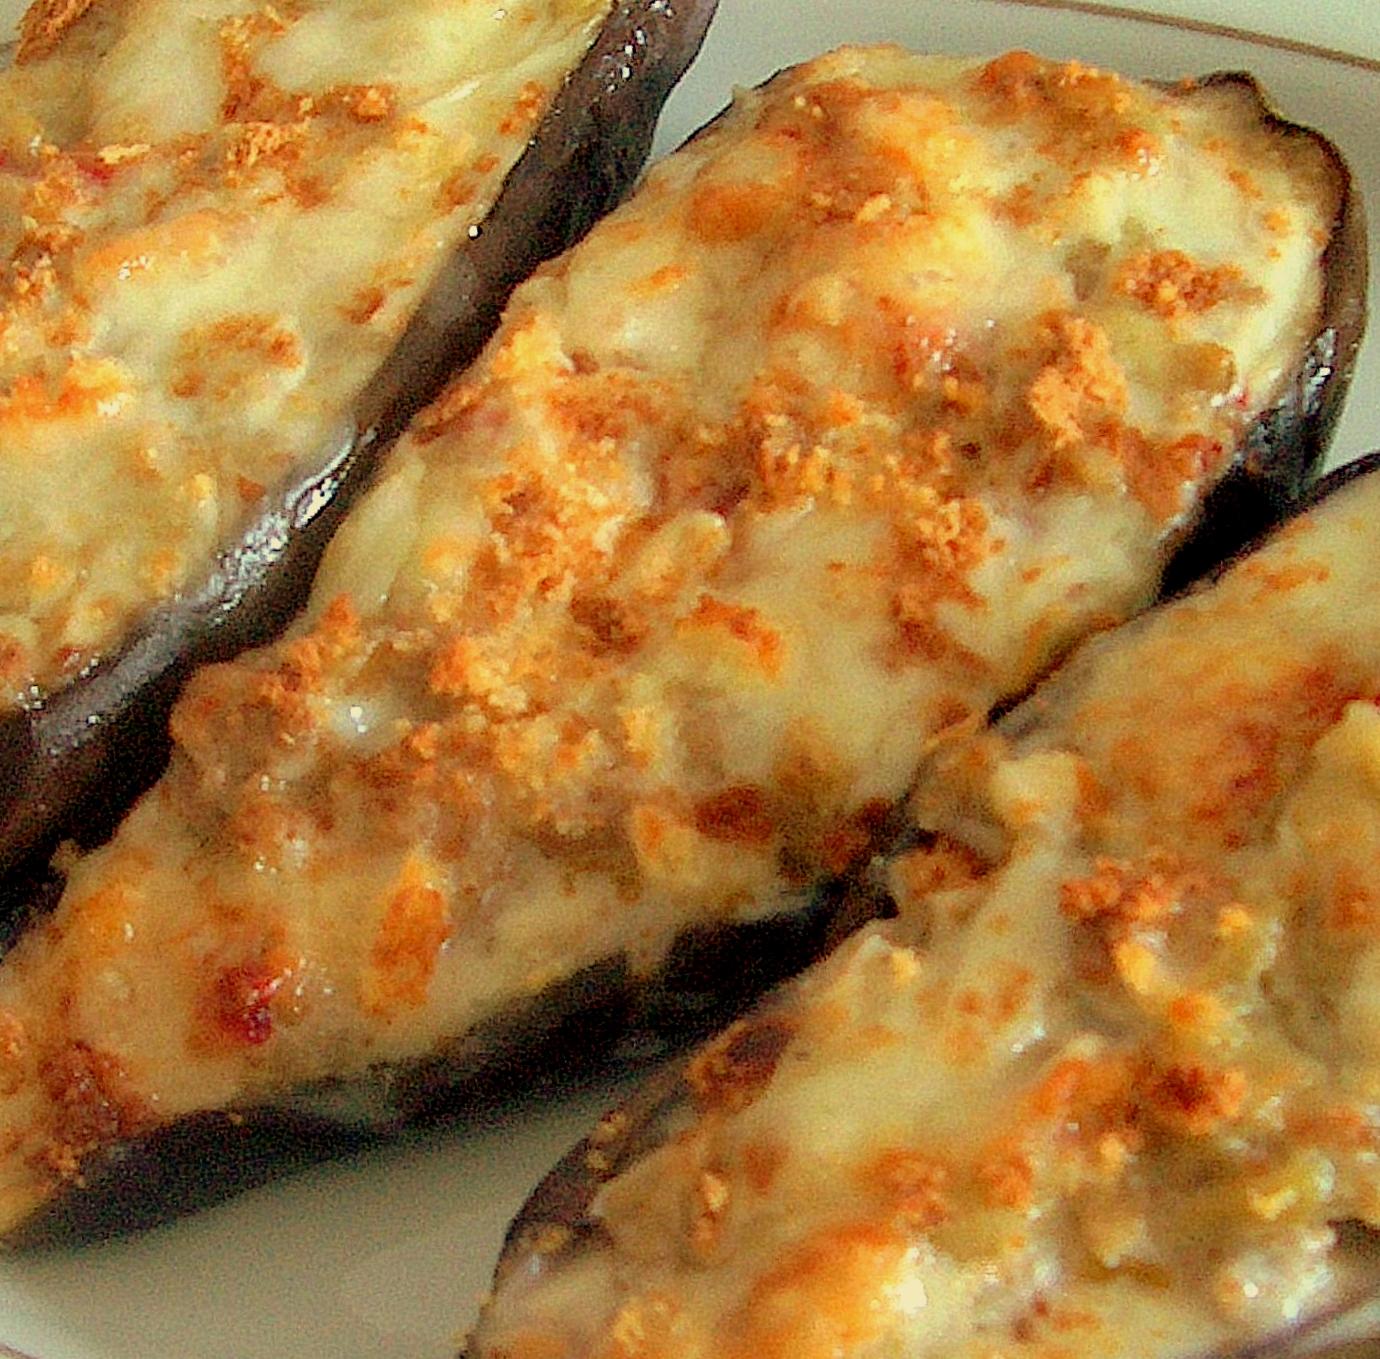 La cocina de gele berenjenas rellenas de carne for Cocina berenjenas rellenas